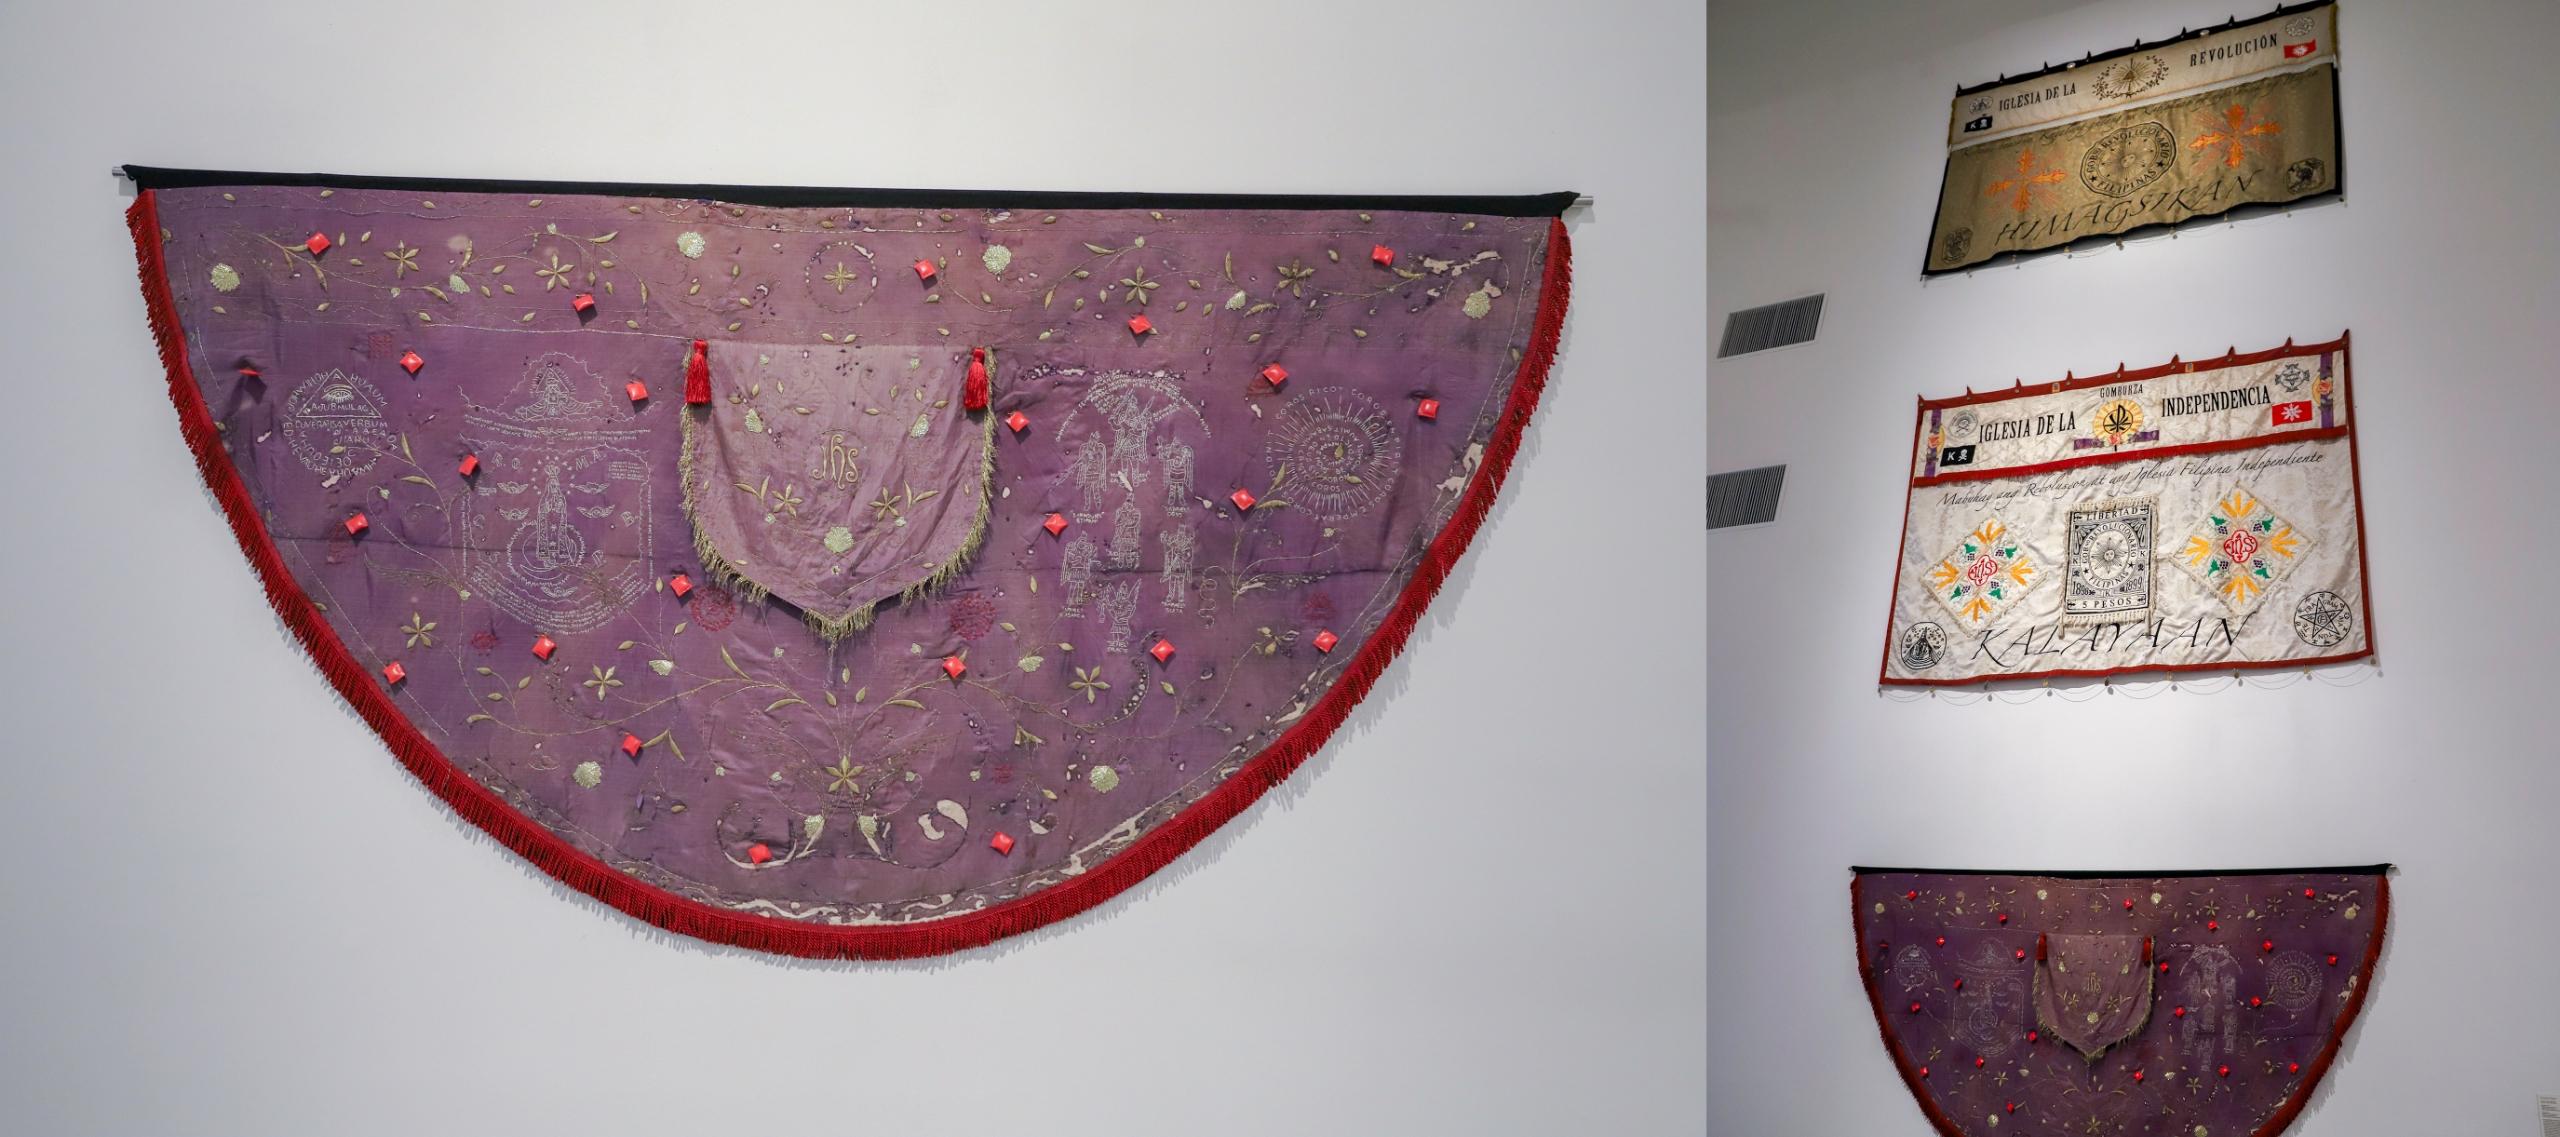 Obraz przedstawia dwa zdjęcia tkanin wiszących na białej ścianie.